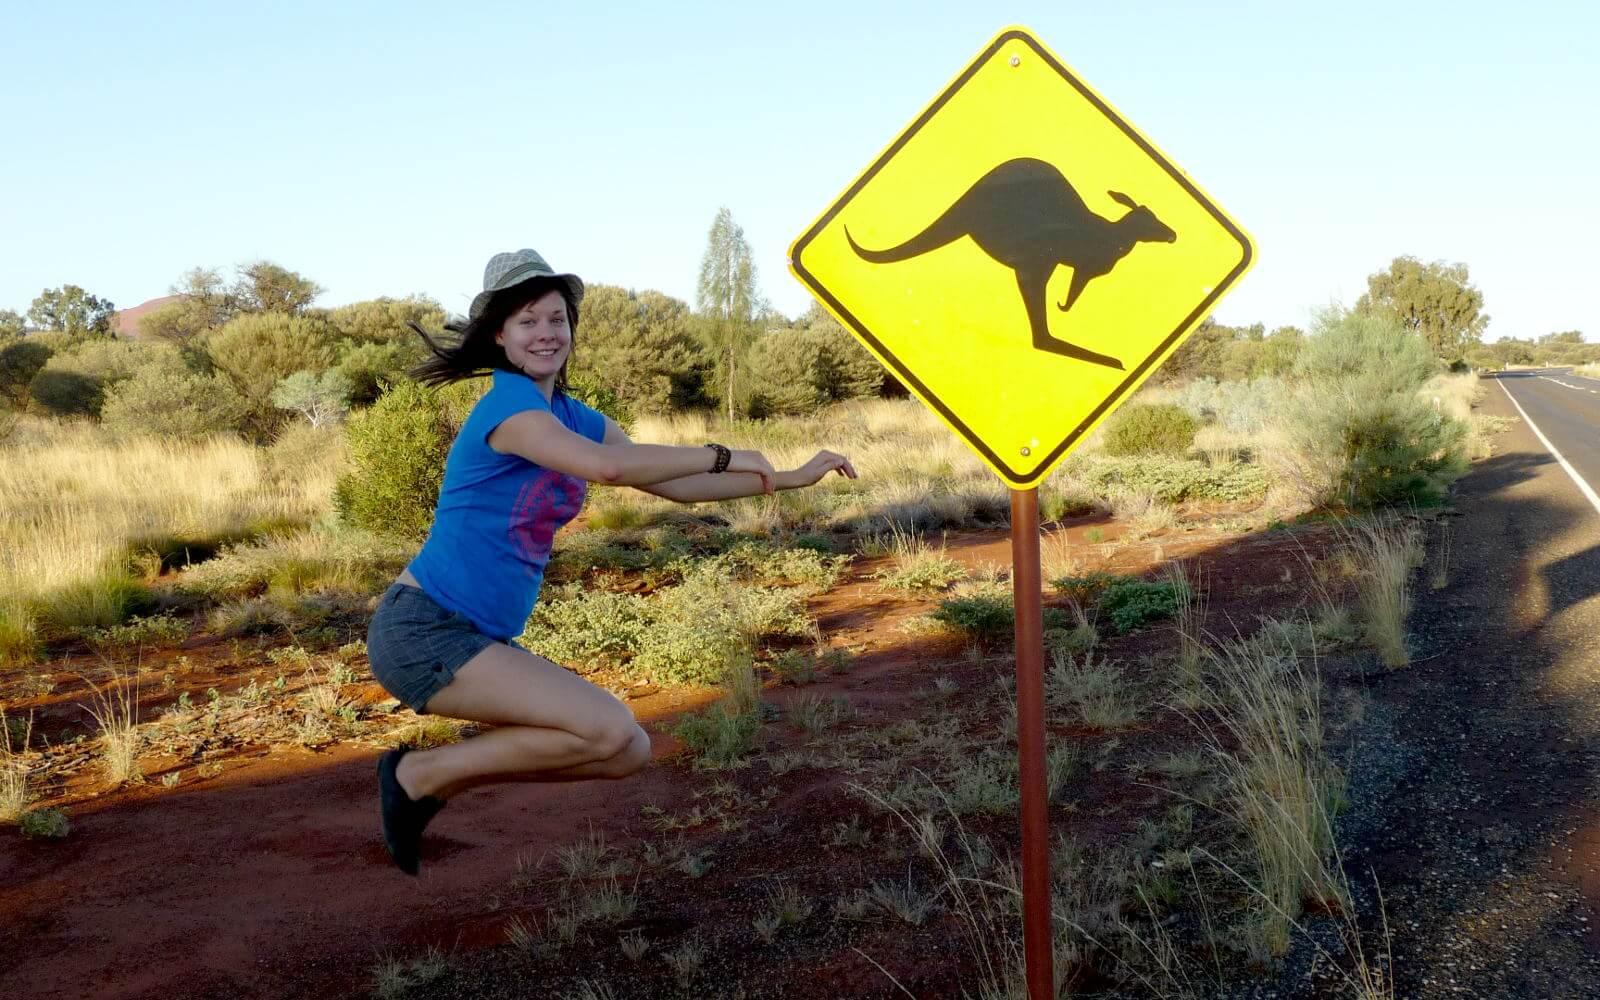 Reiseblog: Sandra in Australien